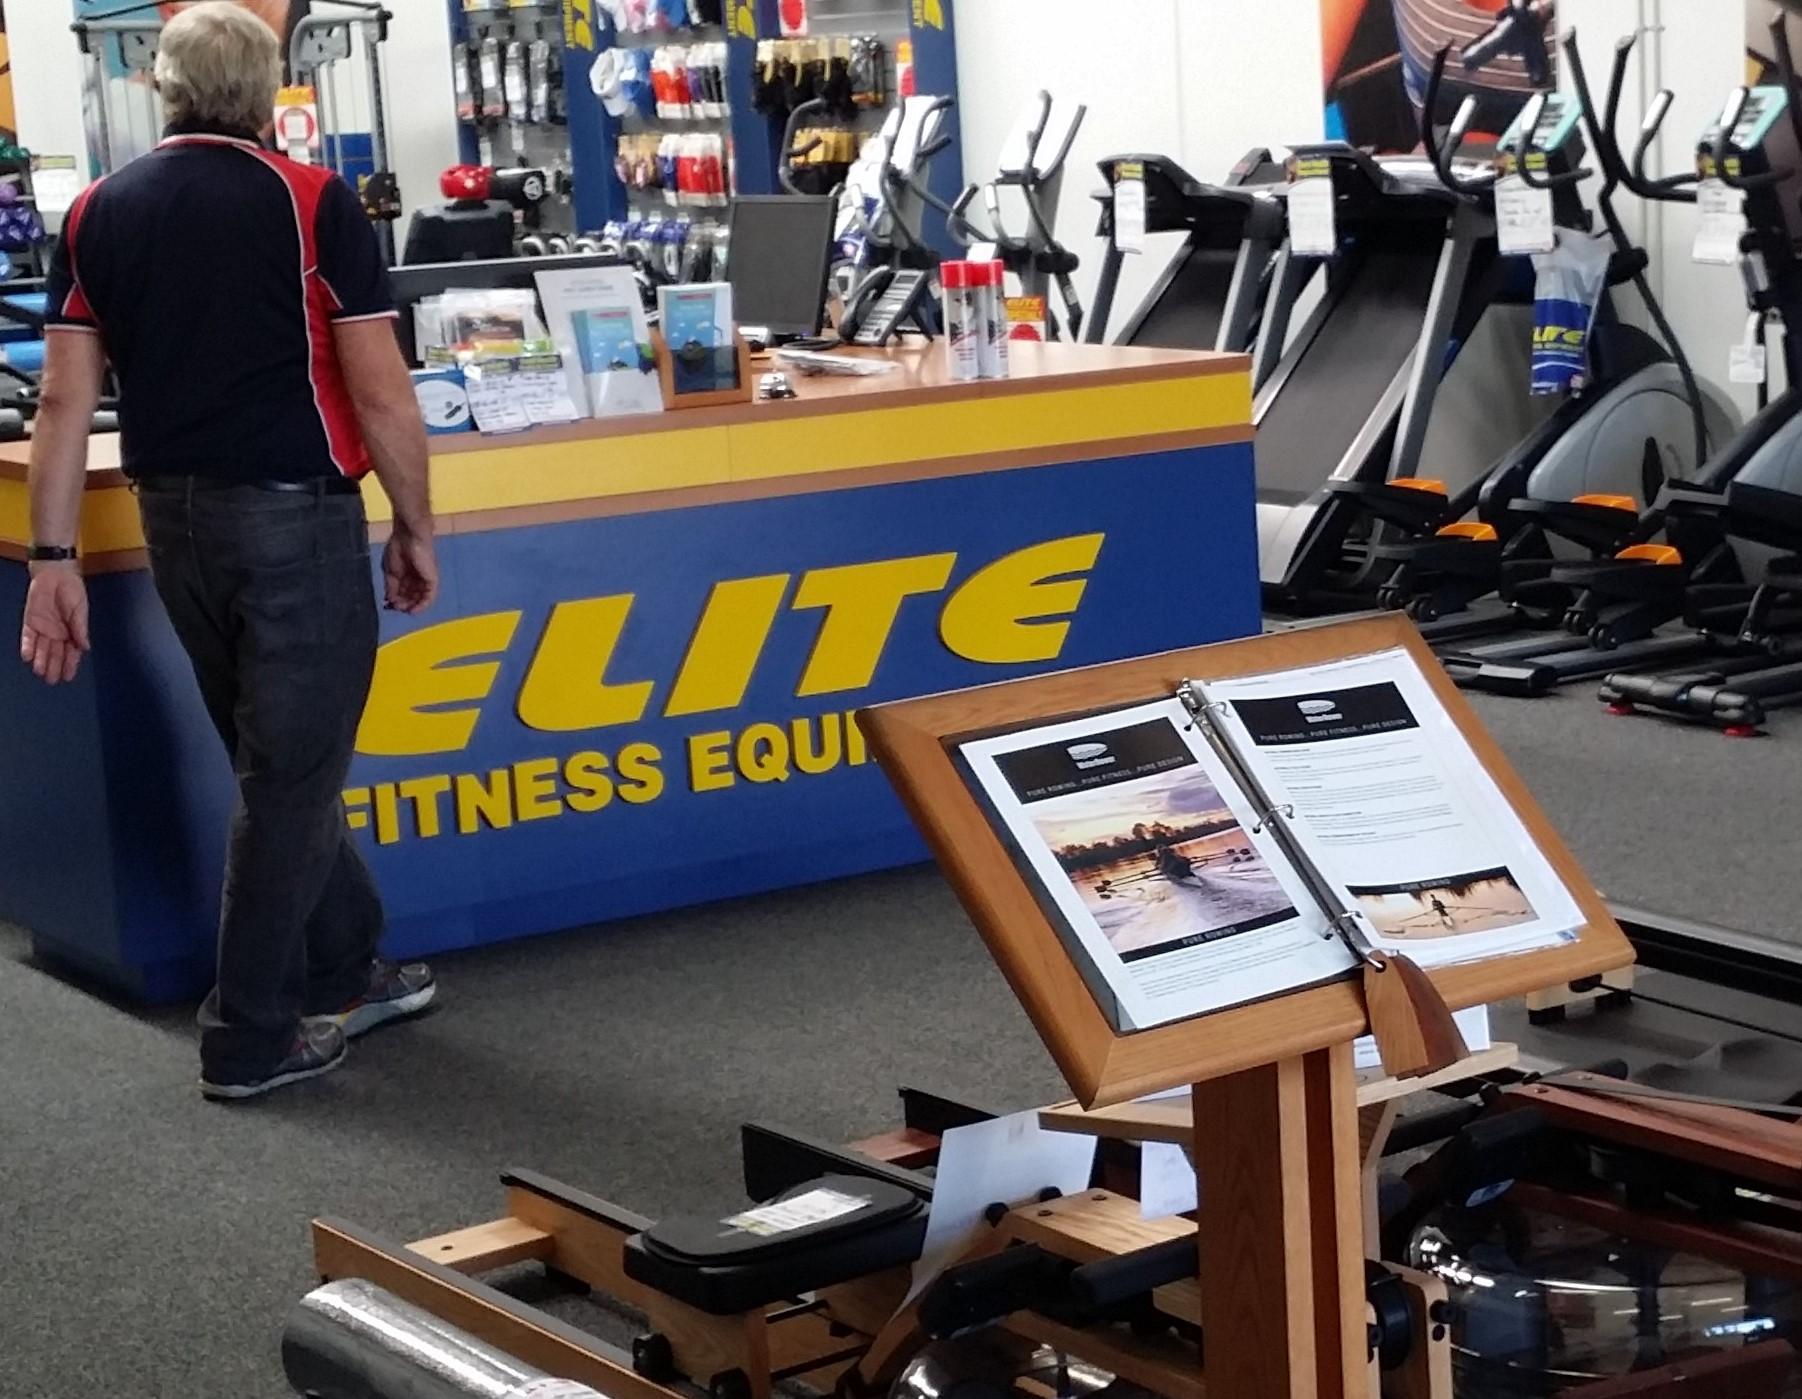 Elite Fitness Equipment Osborne Park